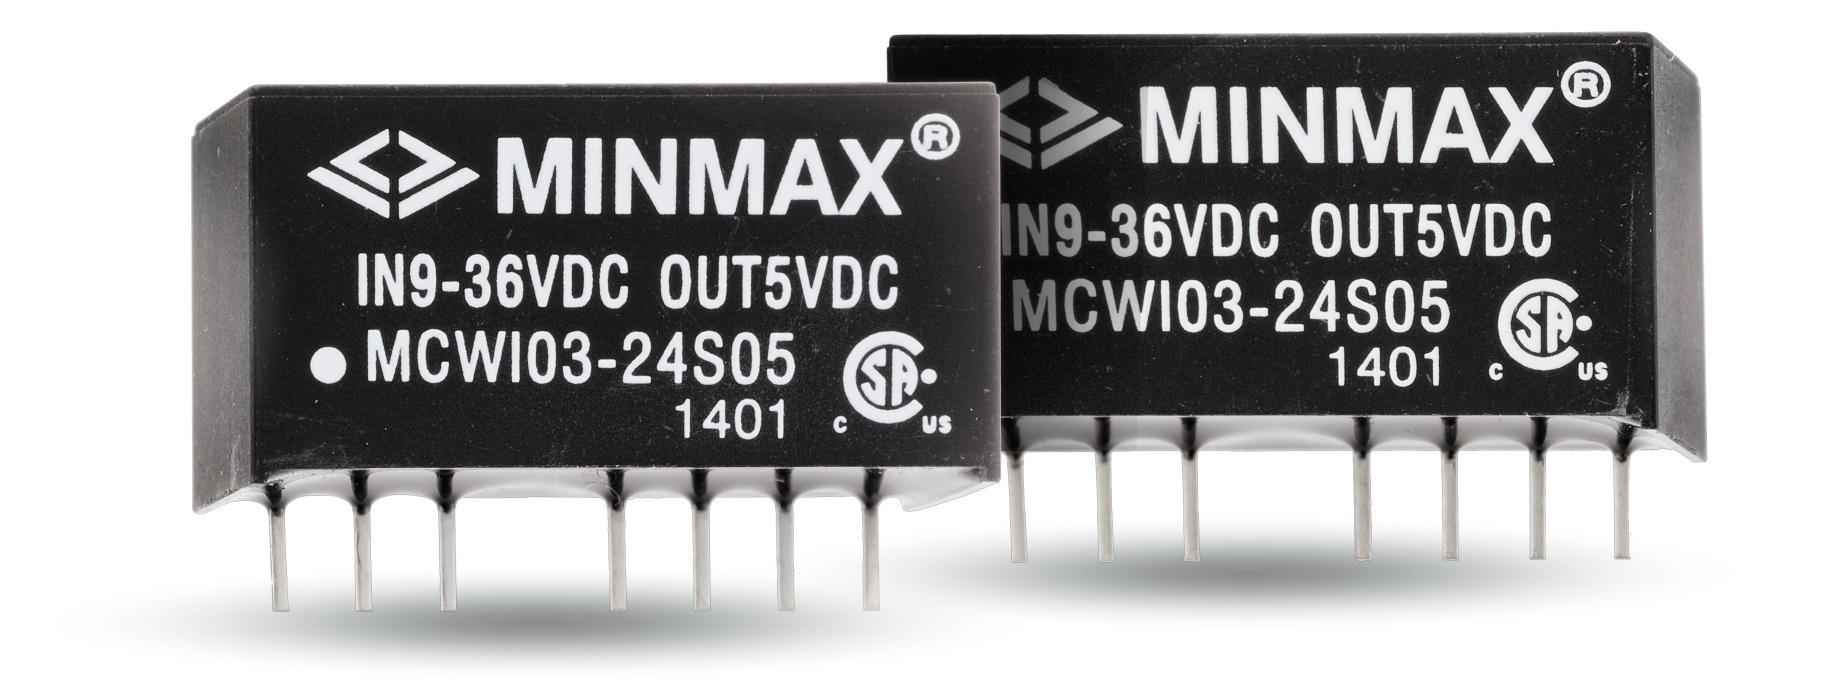 Источник питания MINMAX MCWI03-24S15